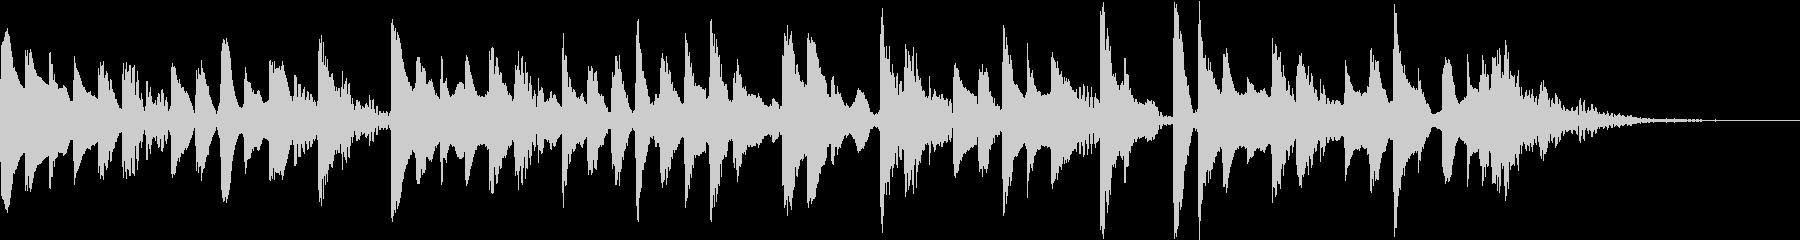 ラジオ ミニマルなジングルの未再生の波形